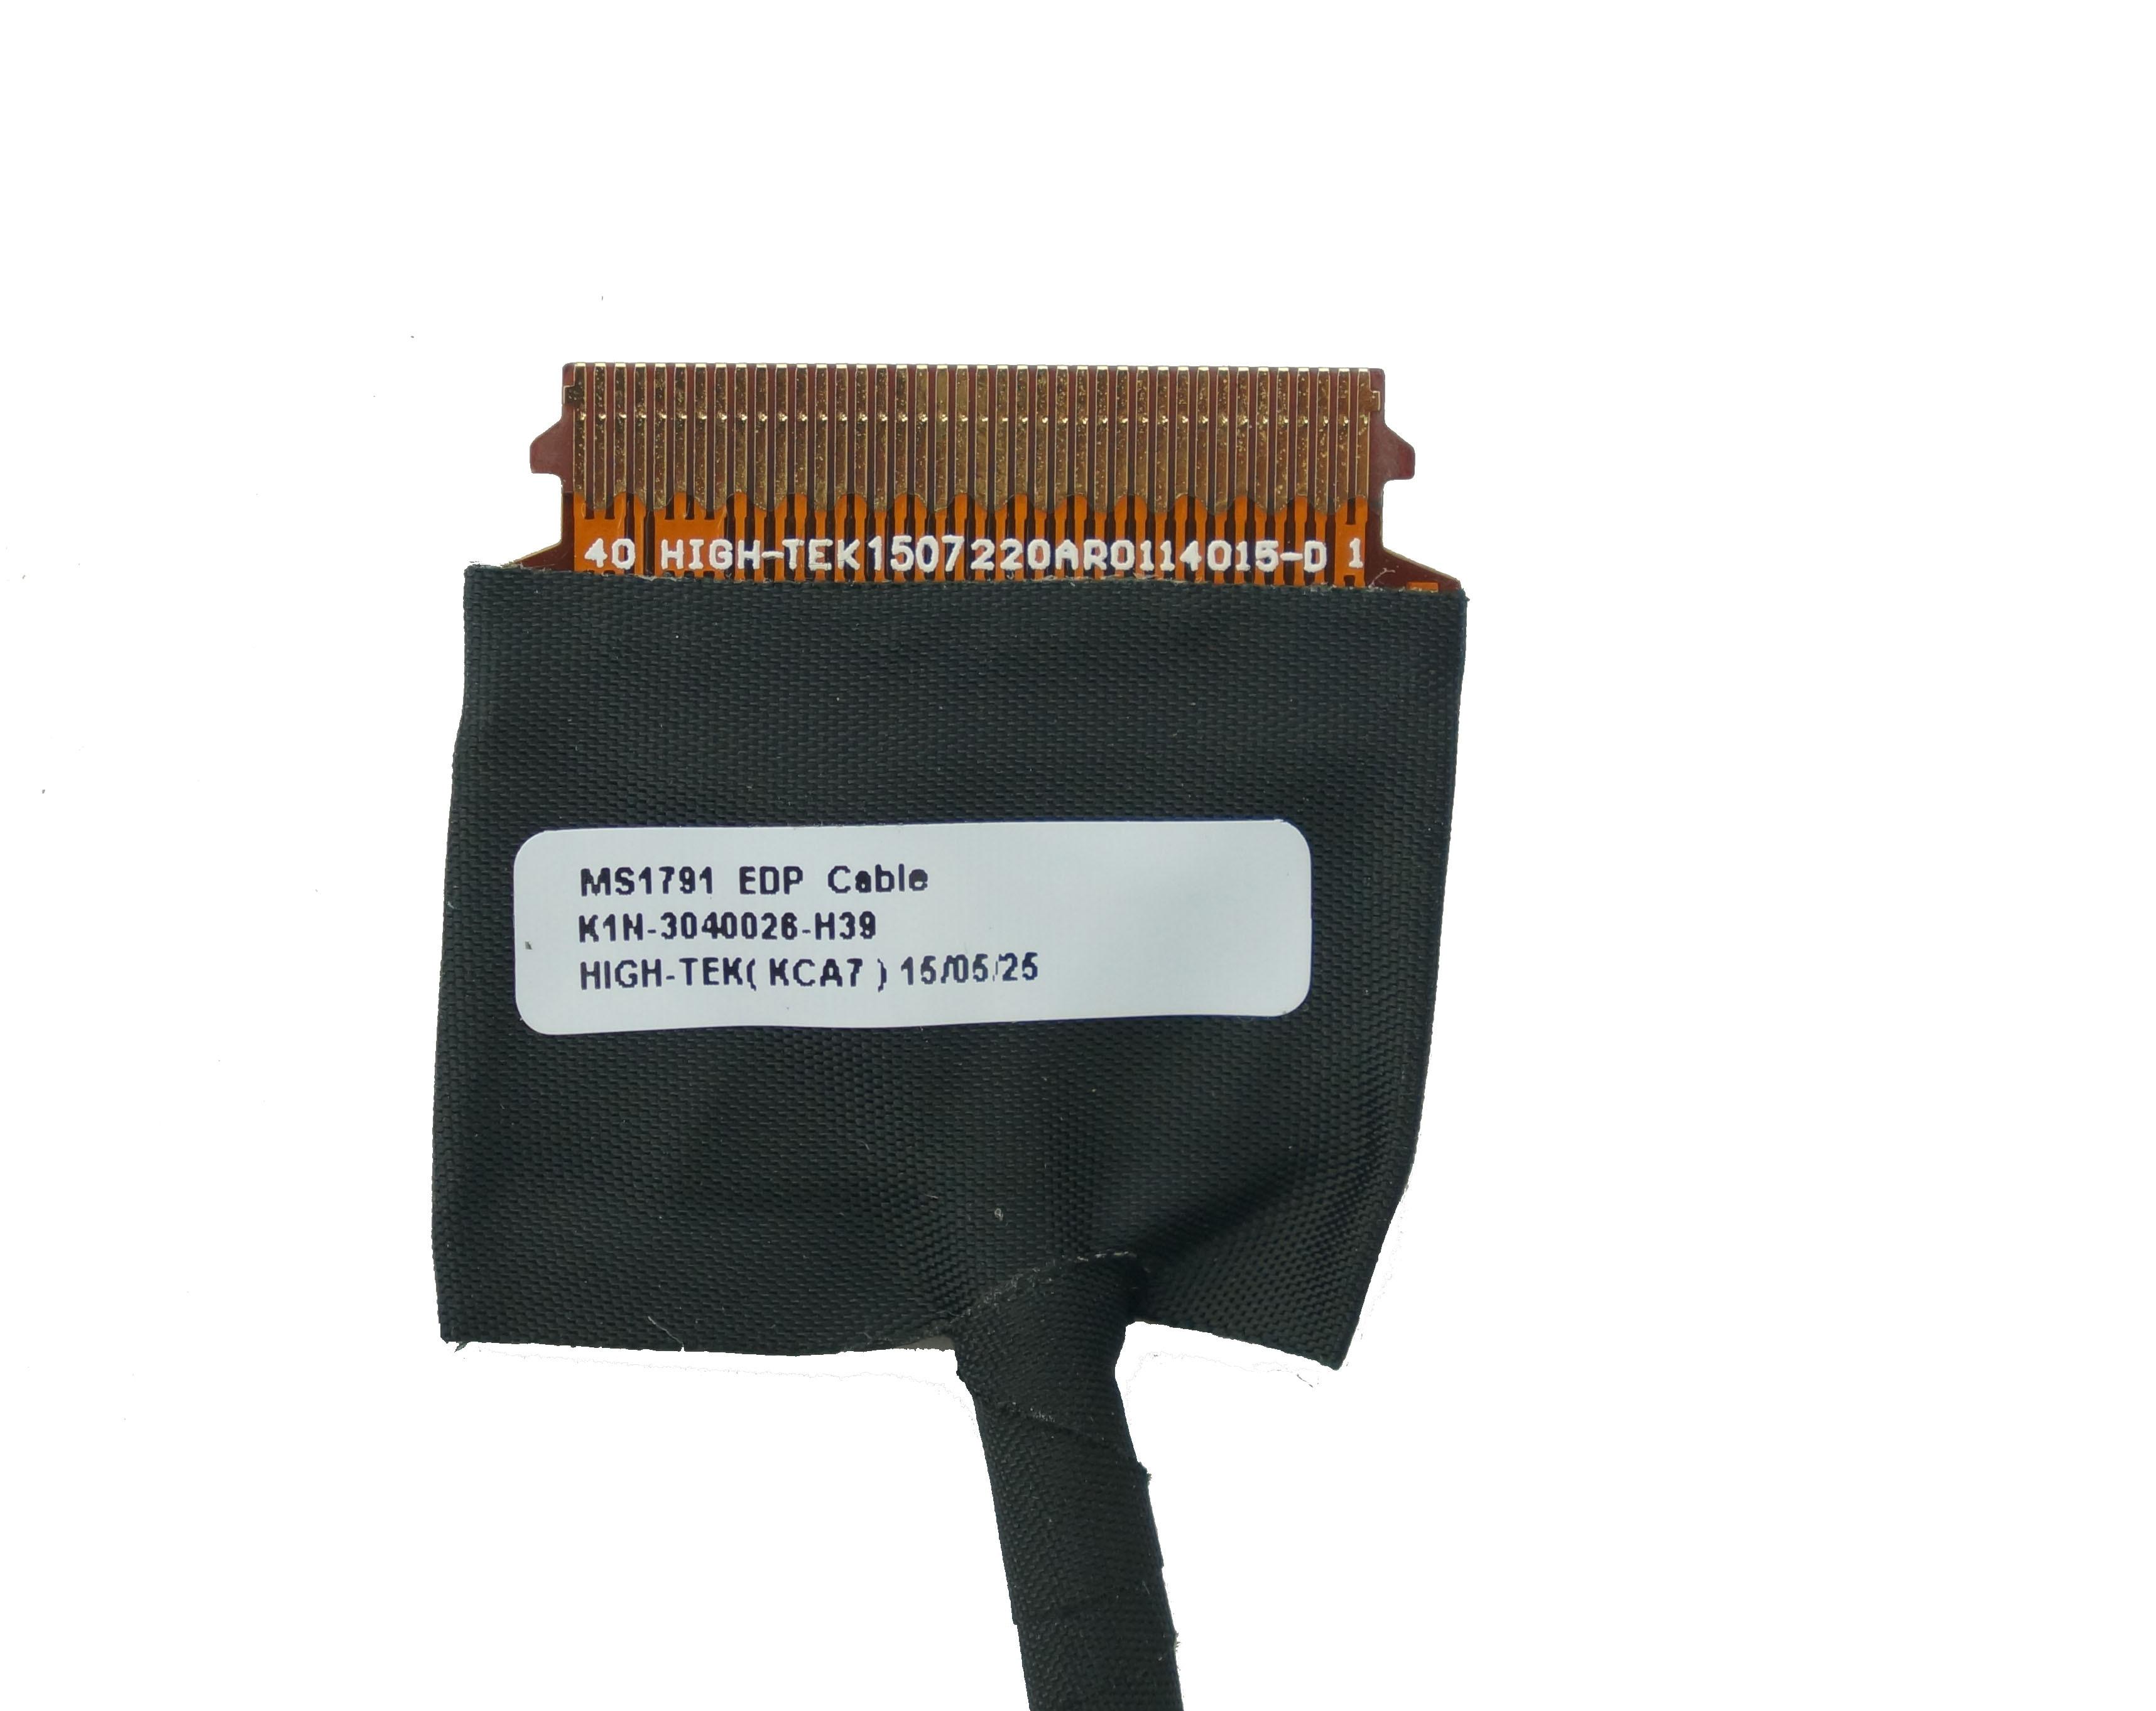 K1N-3040026-H39